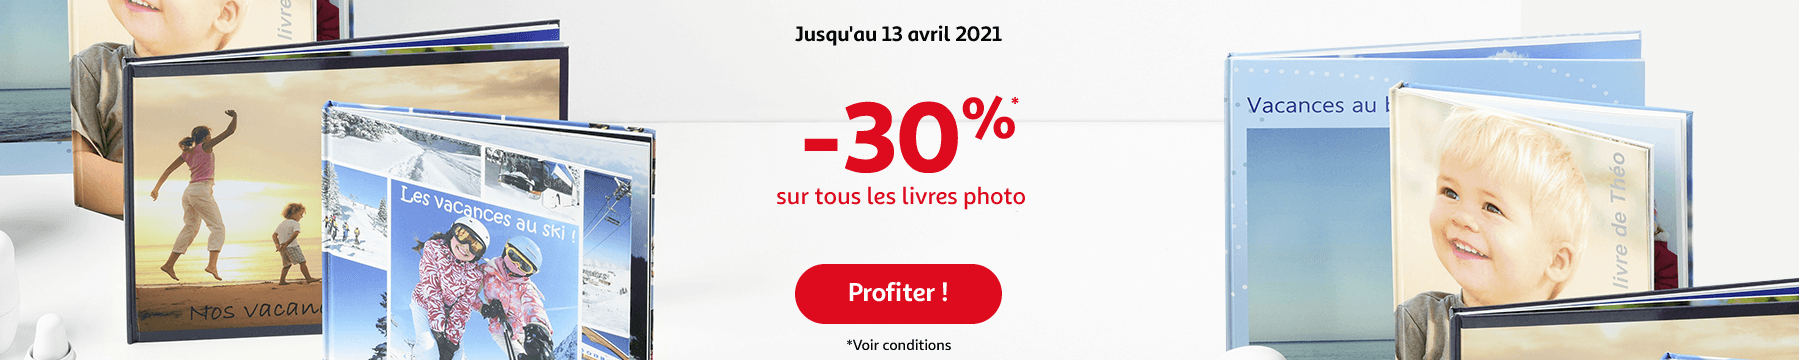 -30% sur tous les livres photo, jusqu'au 13 avril 2021